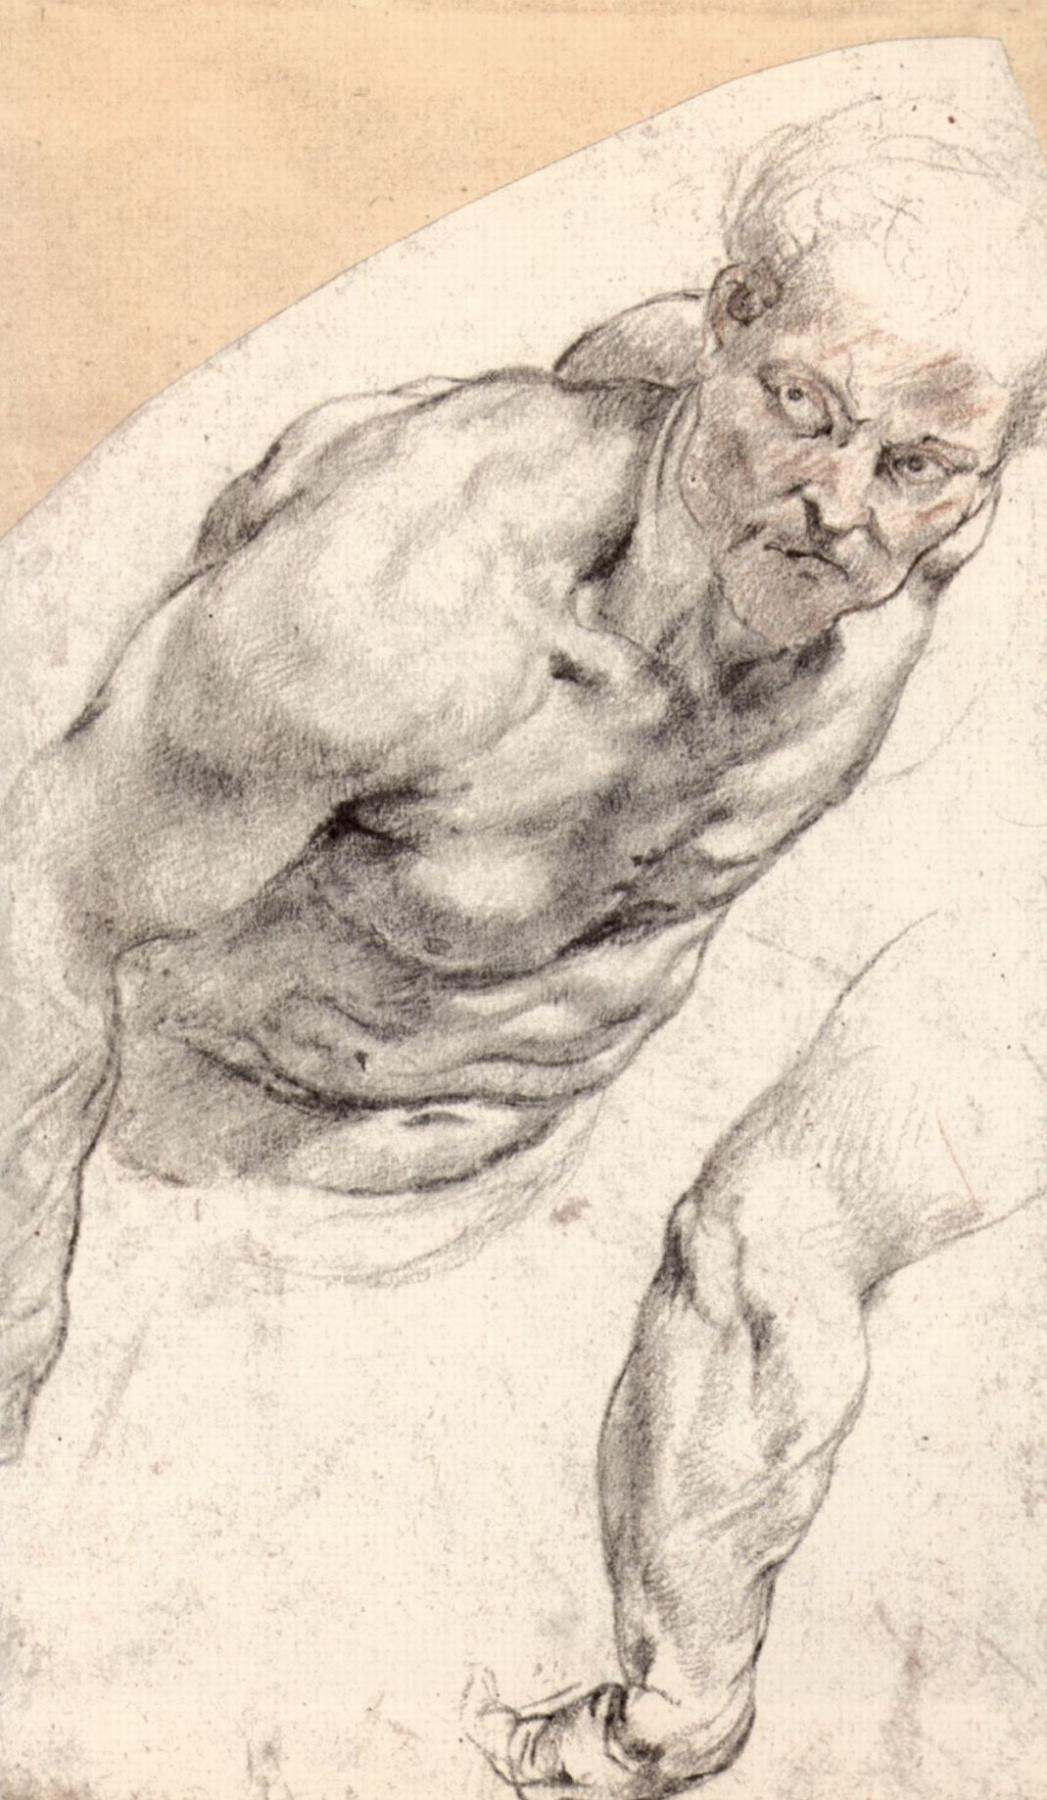 Peter Paul Rubens. Sketch of Nude model